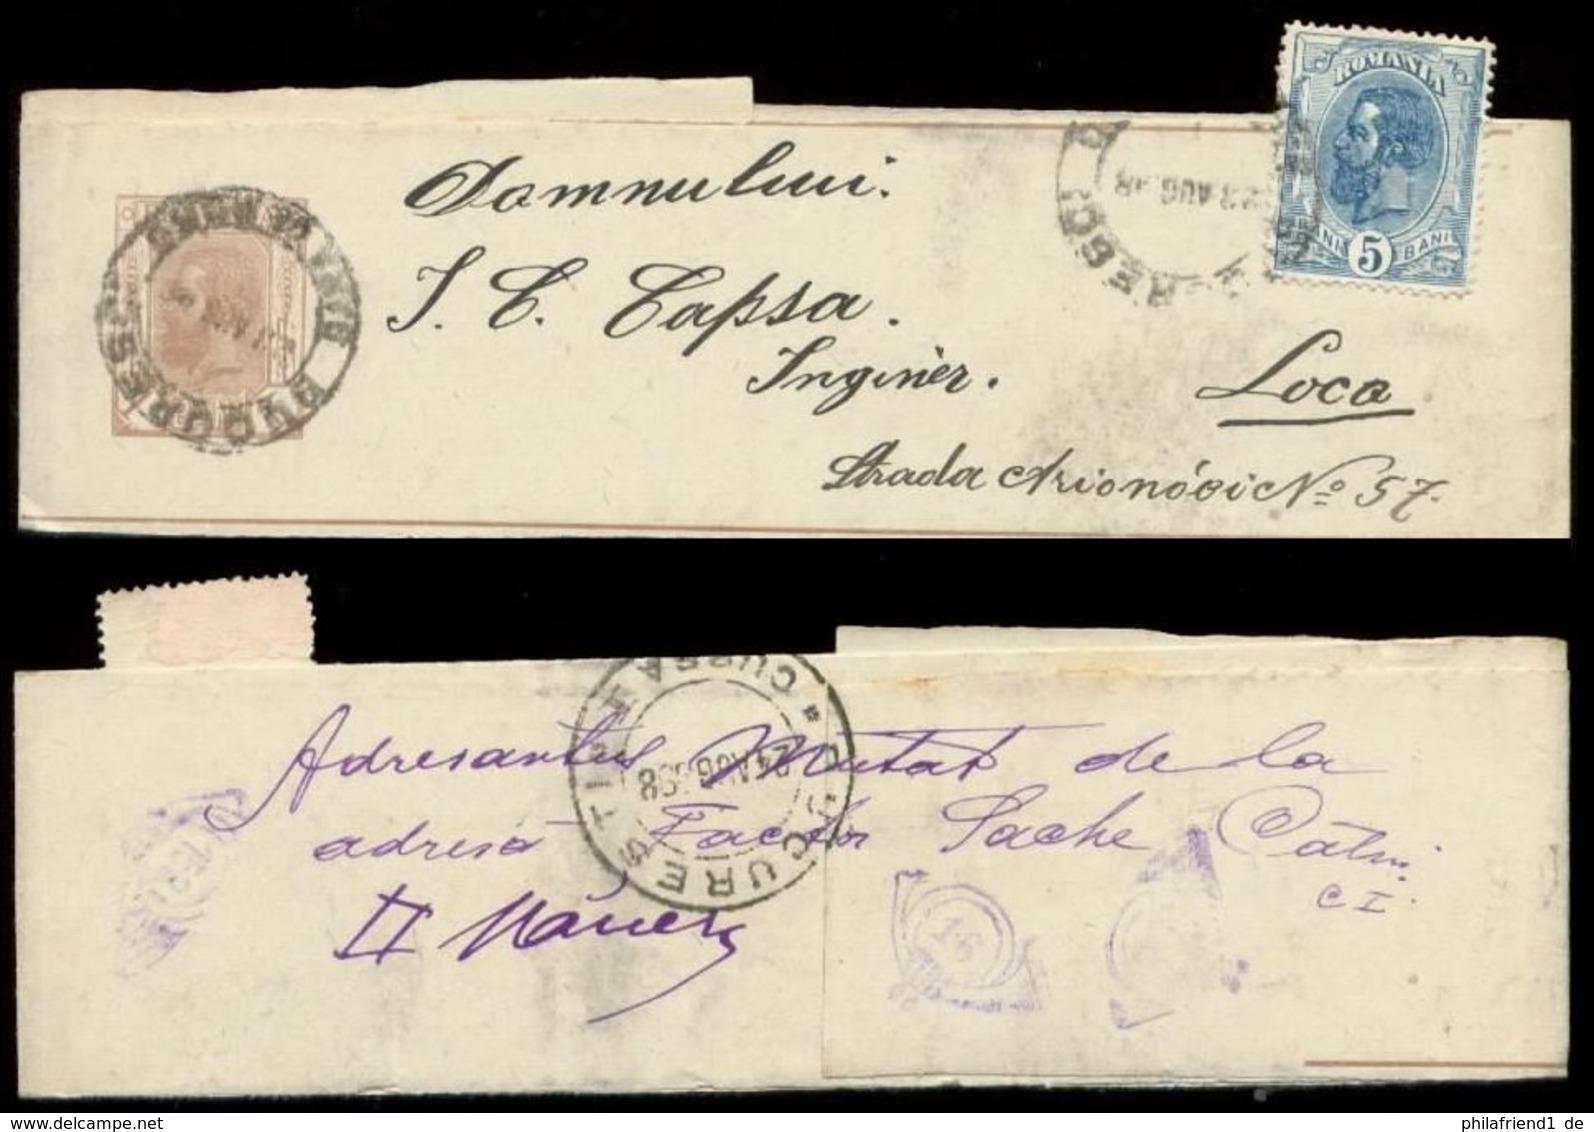 S8252 Rumänien GS Streifband + Marke: Gebraucht Bukarest - Loca 1898 , Bedarfserhaltung. - 1881-1918: Charles I